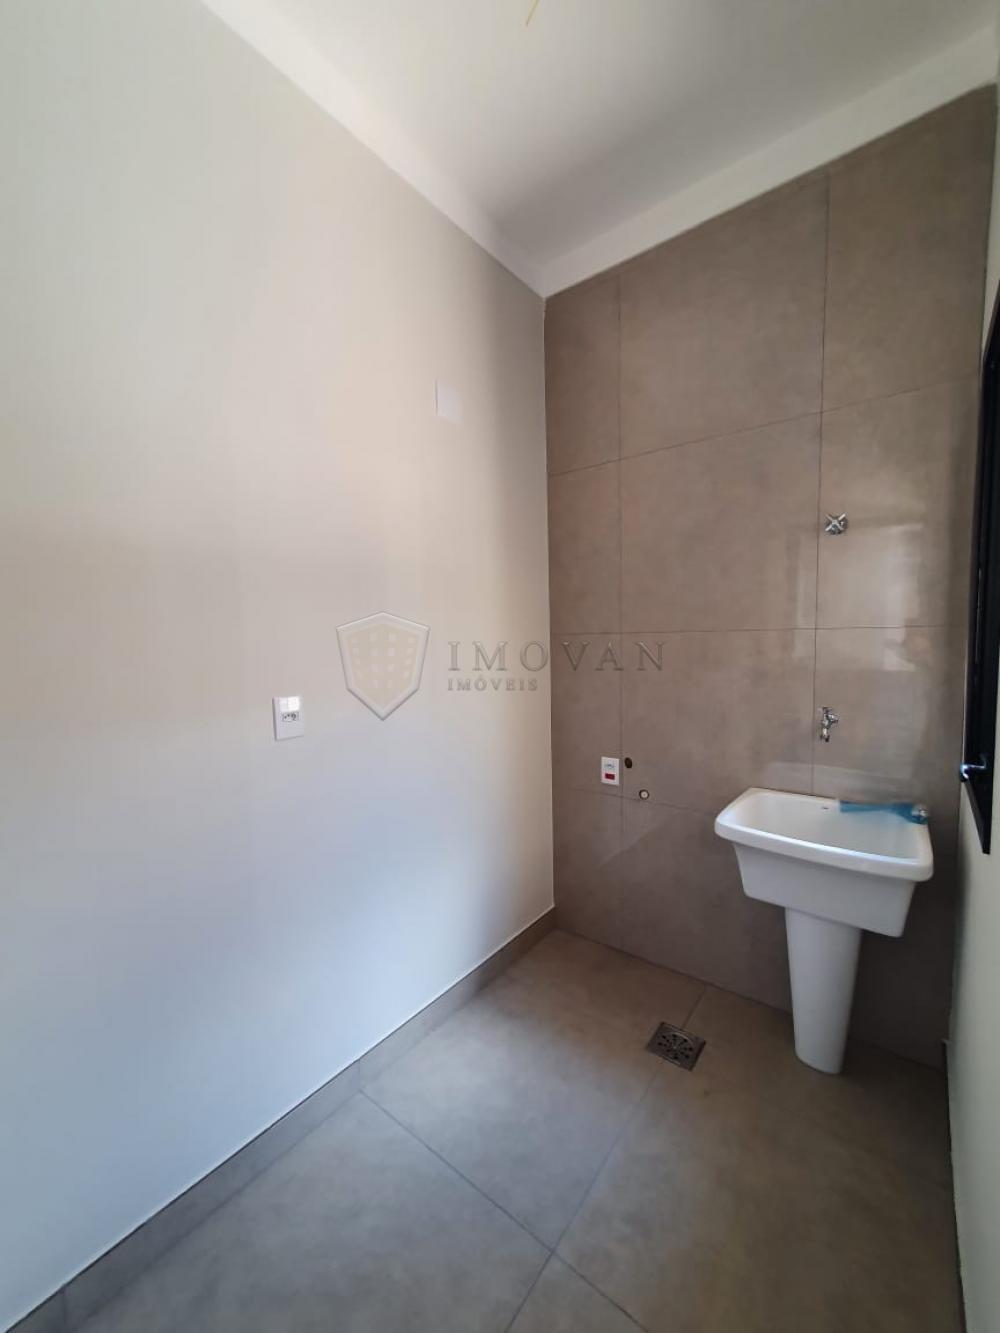 Comprar Casa / Condomínio em Ribeirão Preto apenas R$ 850.000,00 - Foto 11